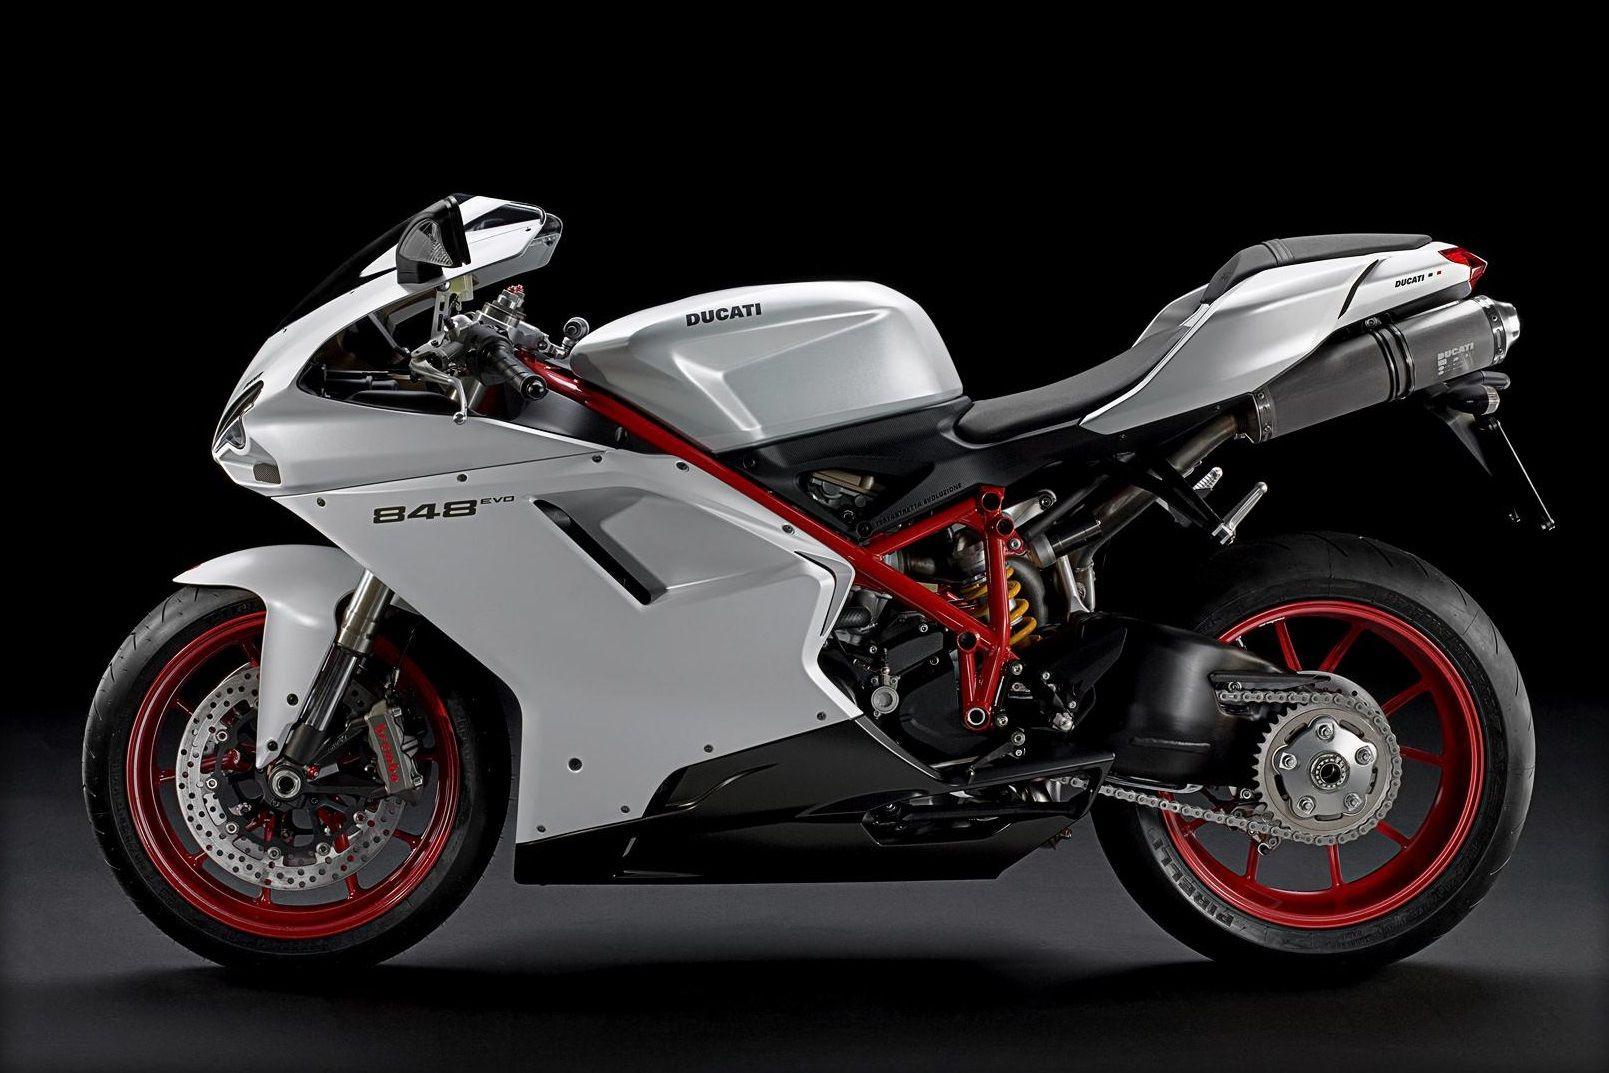 ducati 848 evo corse se spec, price, review, type | bike